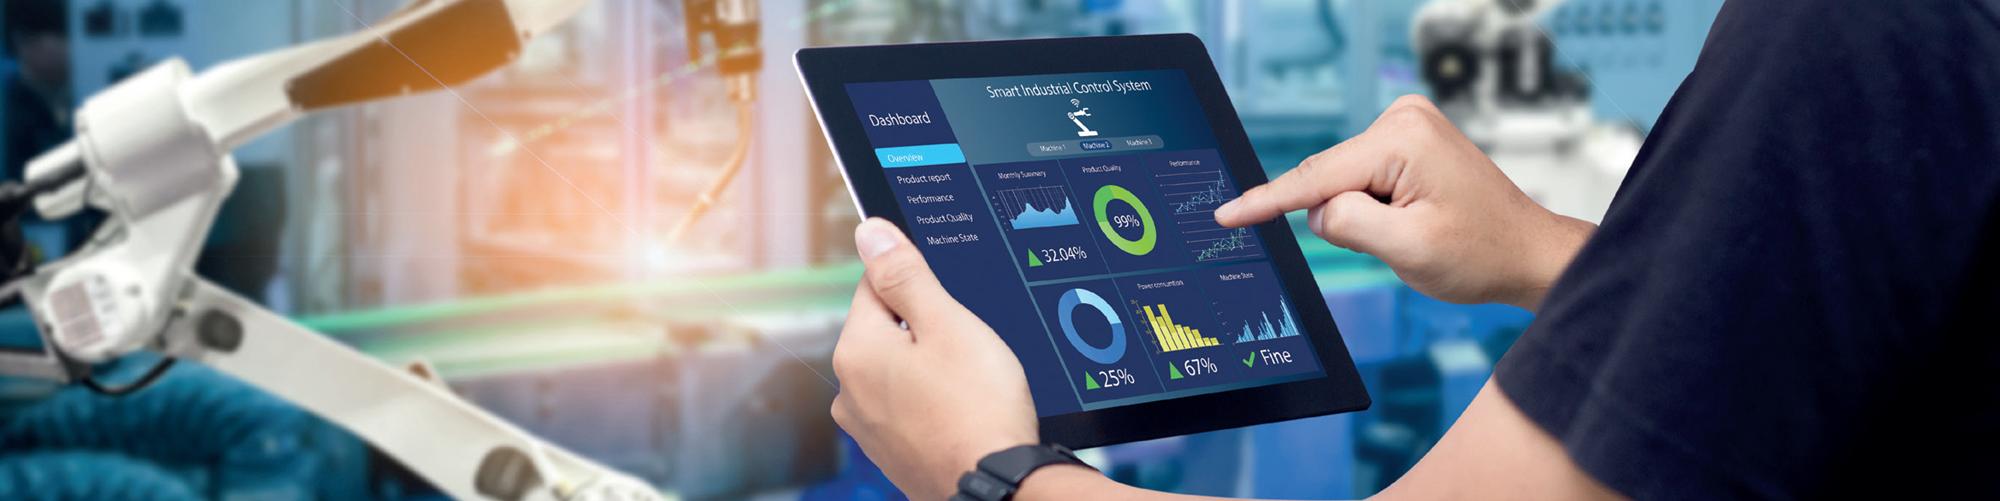 La digitalización permite disminuir costos, optimizar procesos y brindar valor agregado al producto.